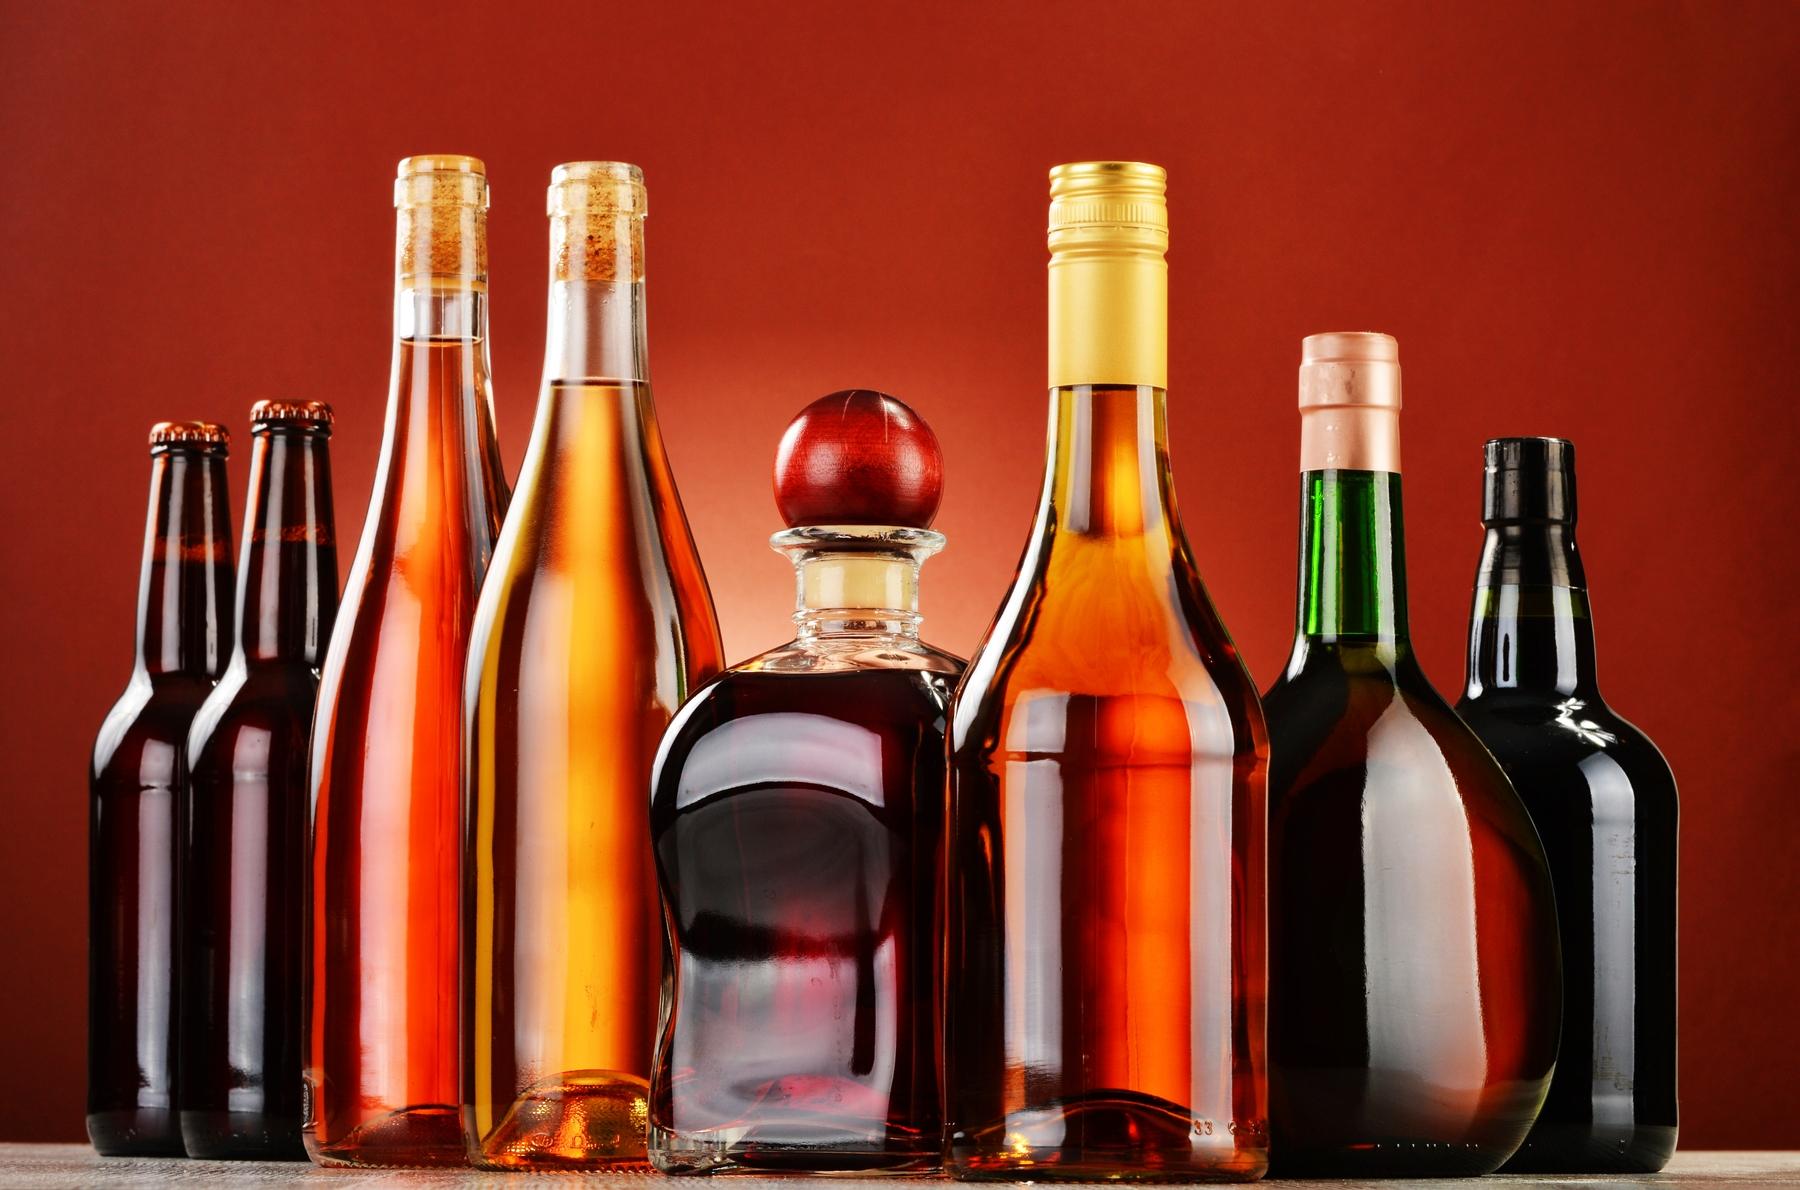 Einfuhrbestimmungen bei alkoholhaltigen Getränken